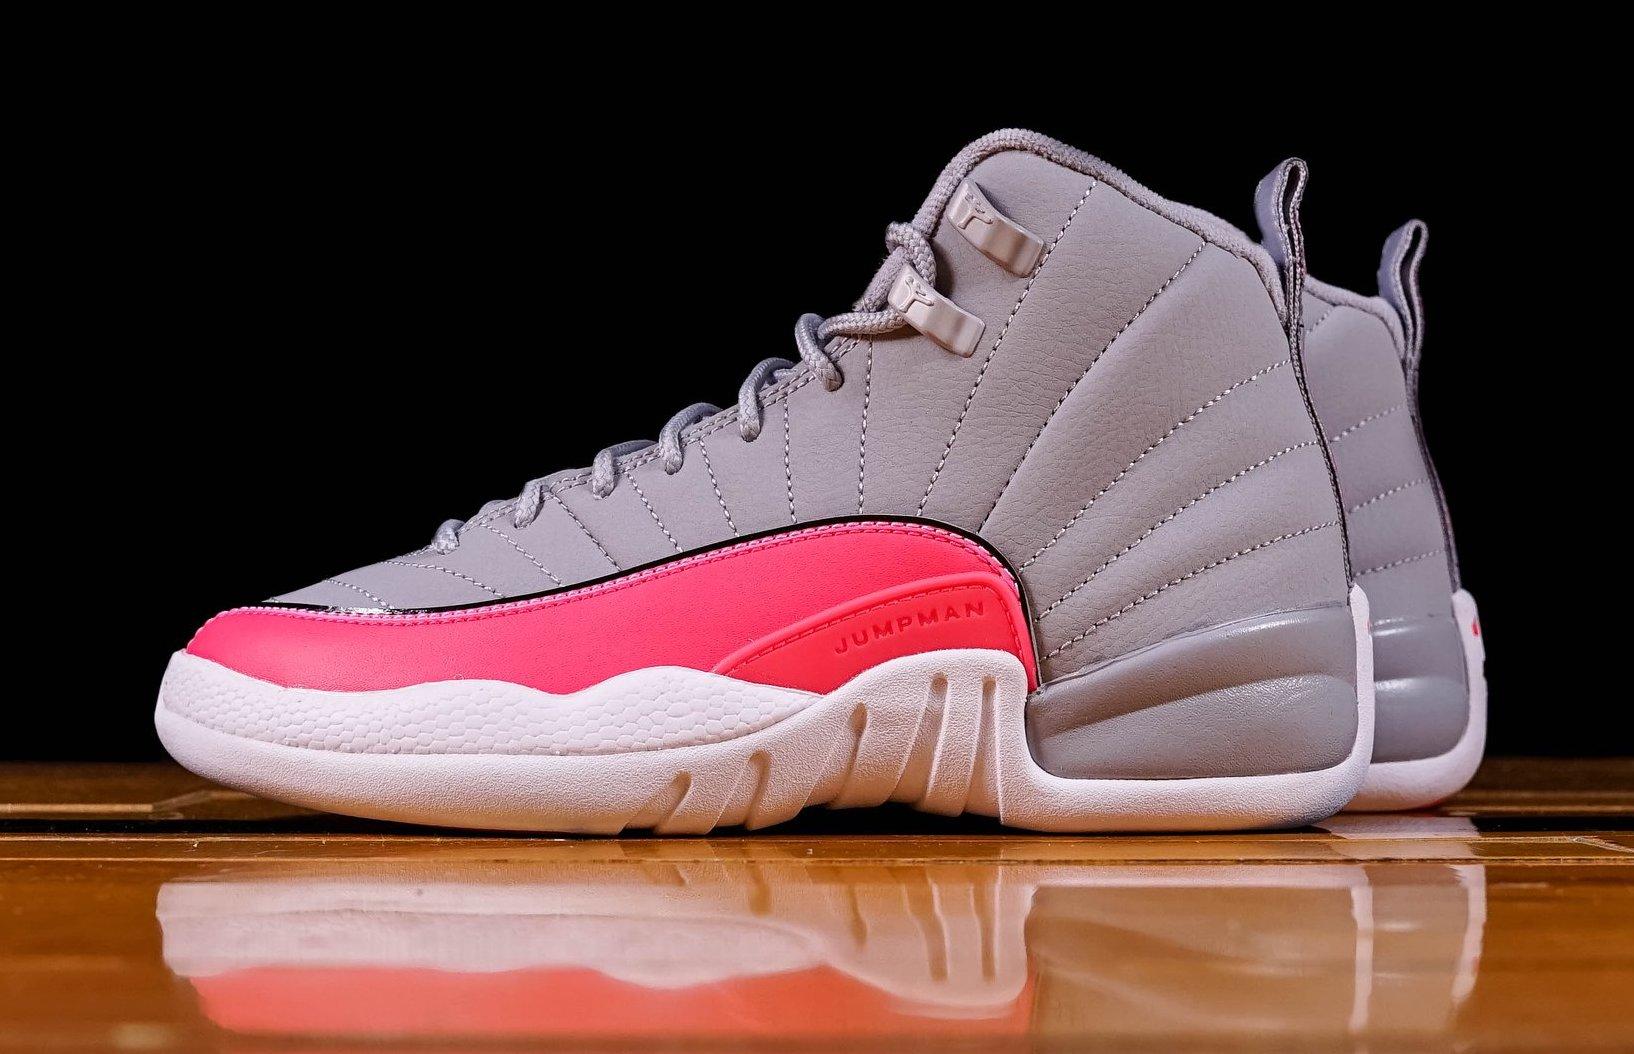 online retailer 7f8d6 9de3f Jordan 12 GS Grey Pink (Racer Pink) • KicksOnFire.com